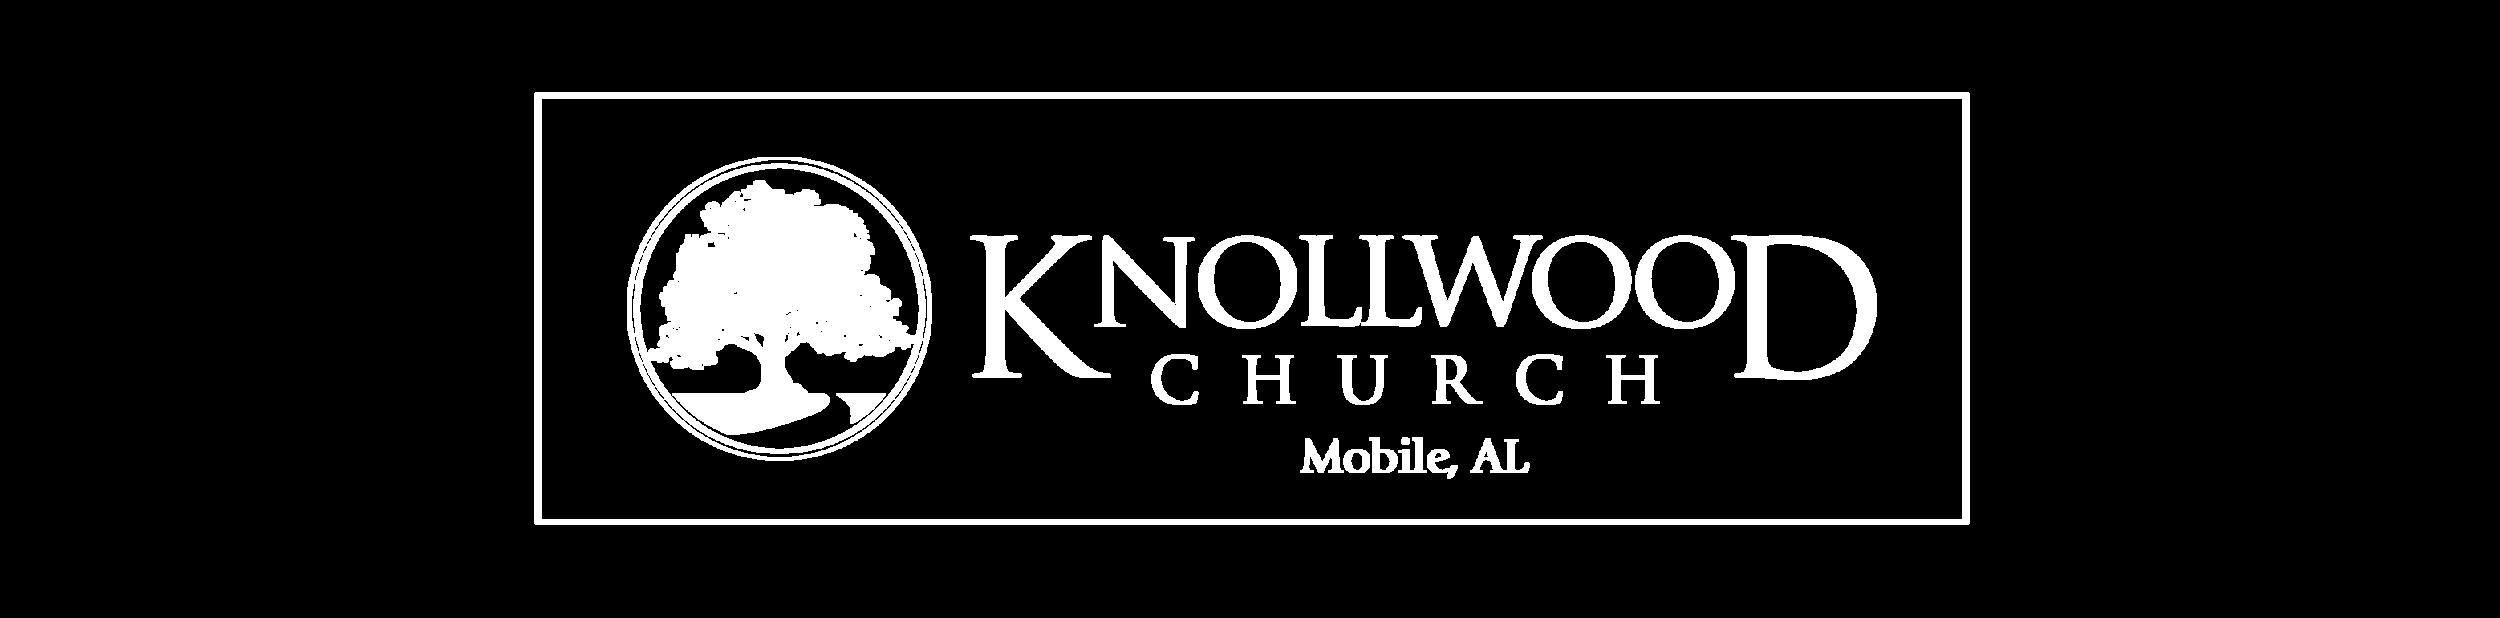 KAG_logo_NEW.png